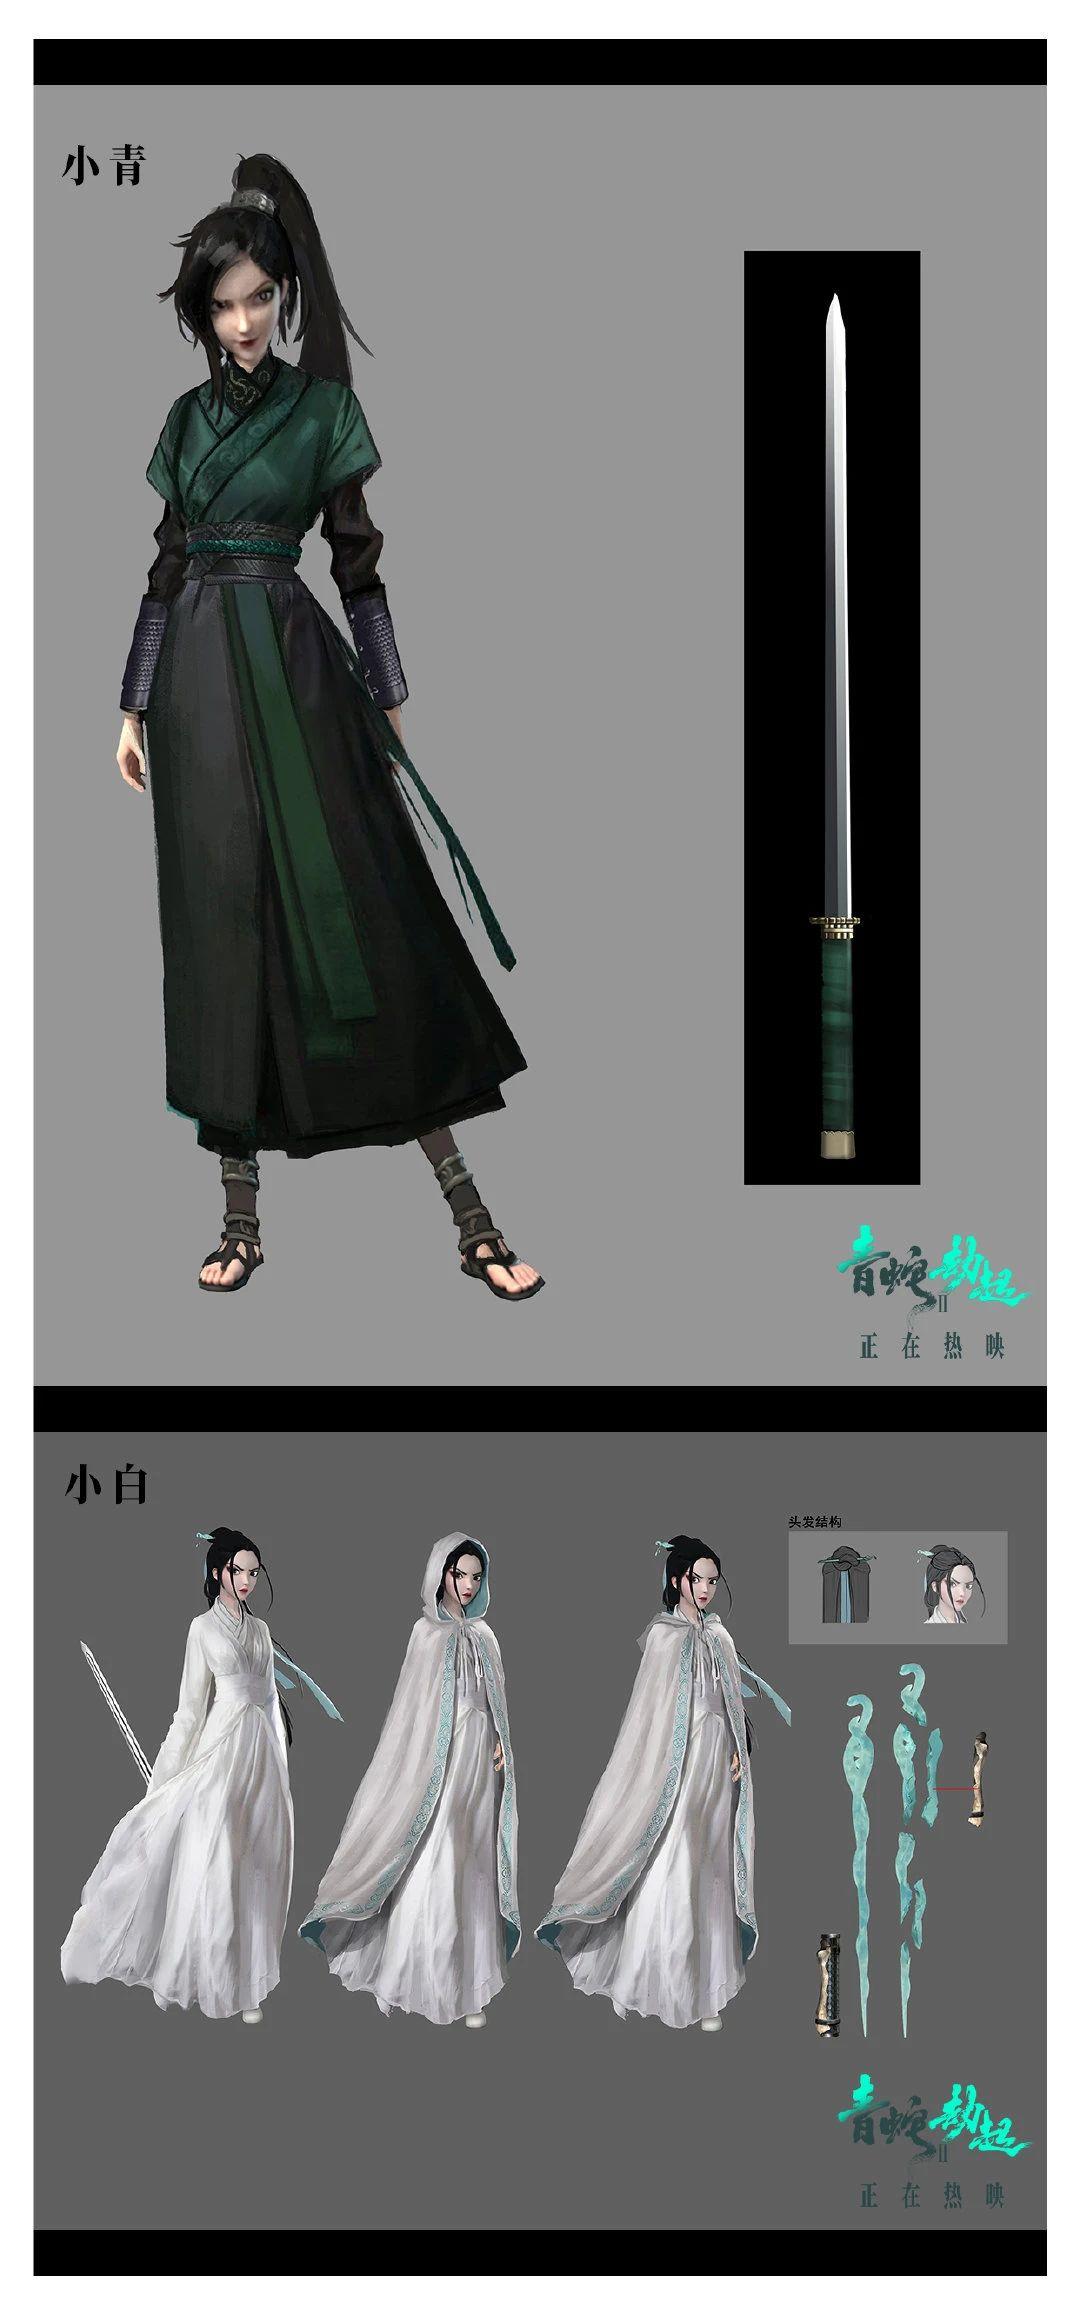 《白蛇2》角色设计 - 瑞云渲染